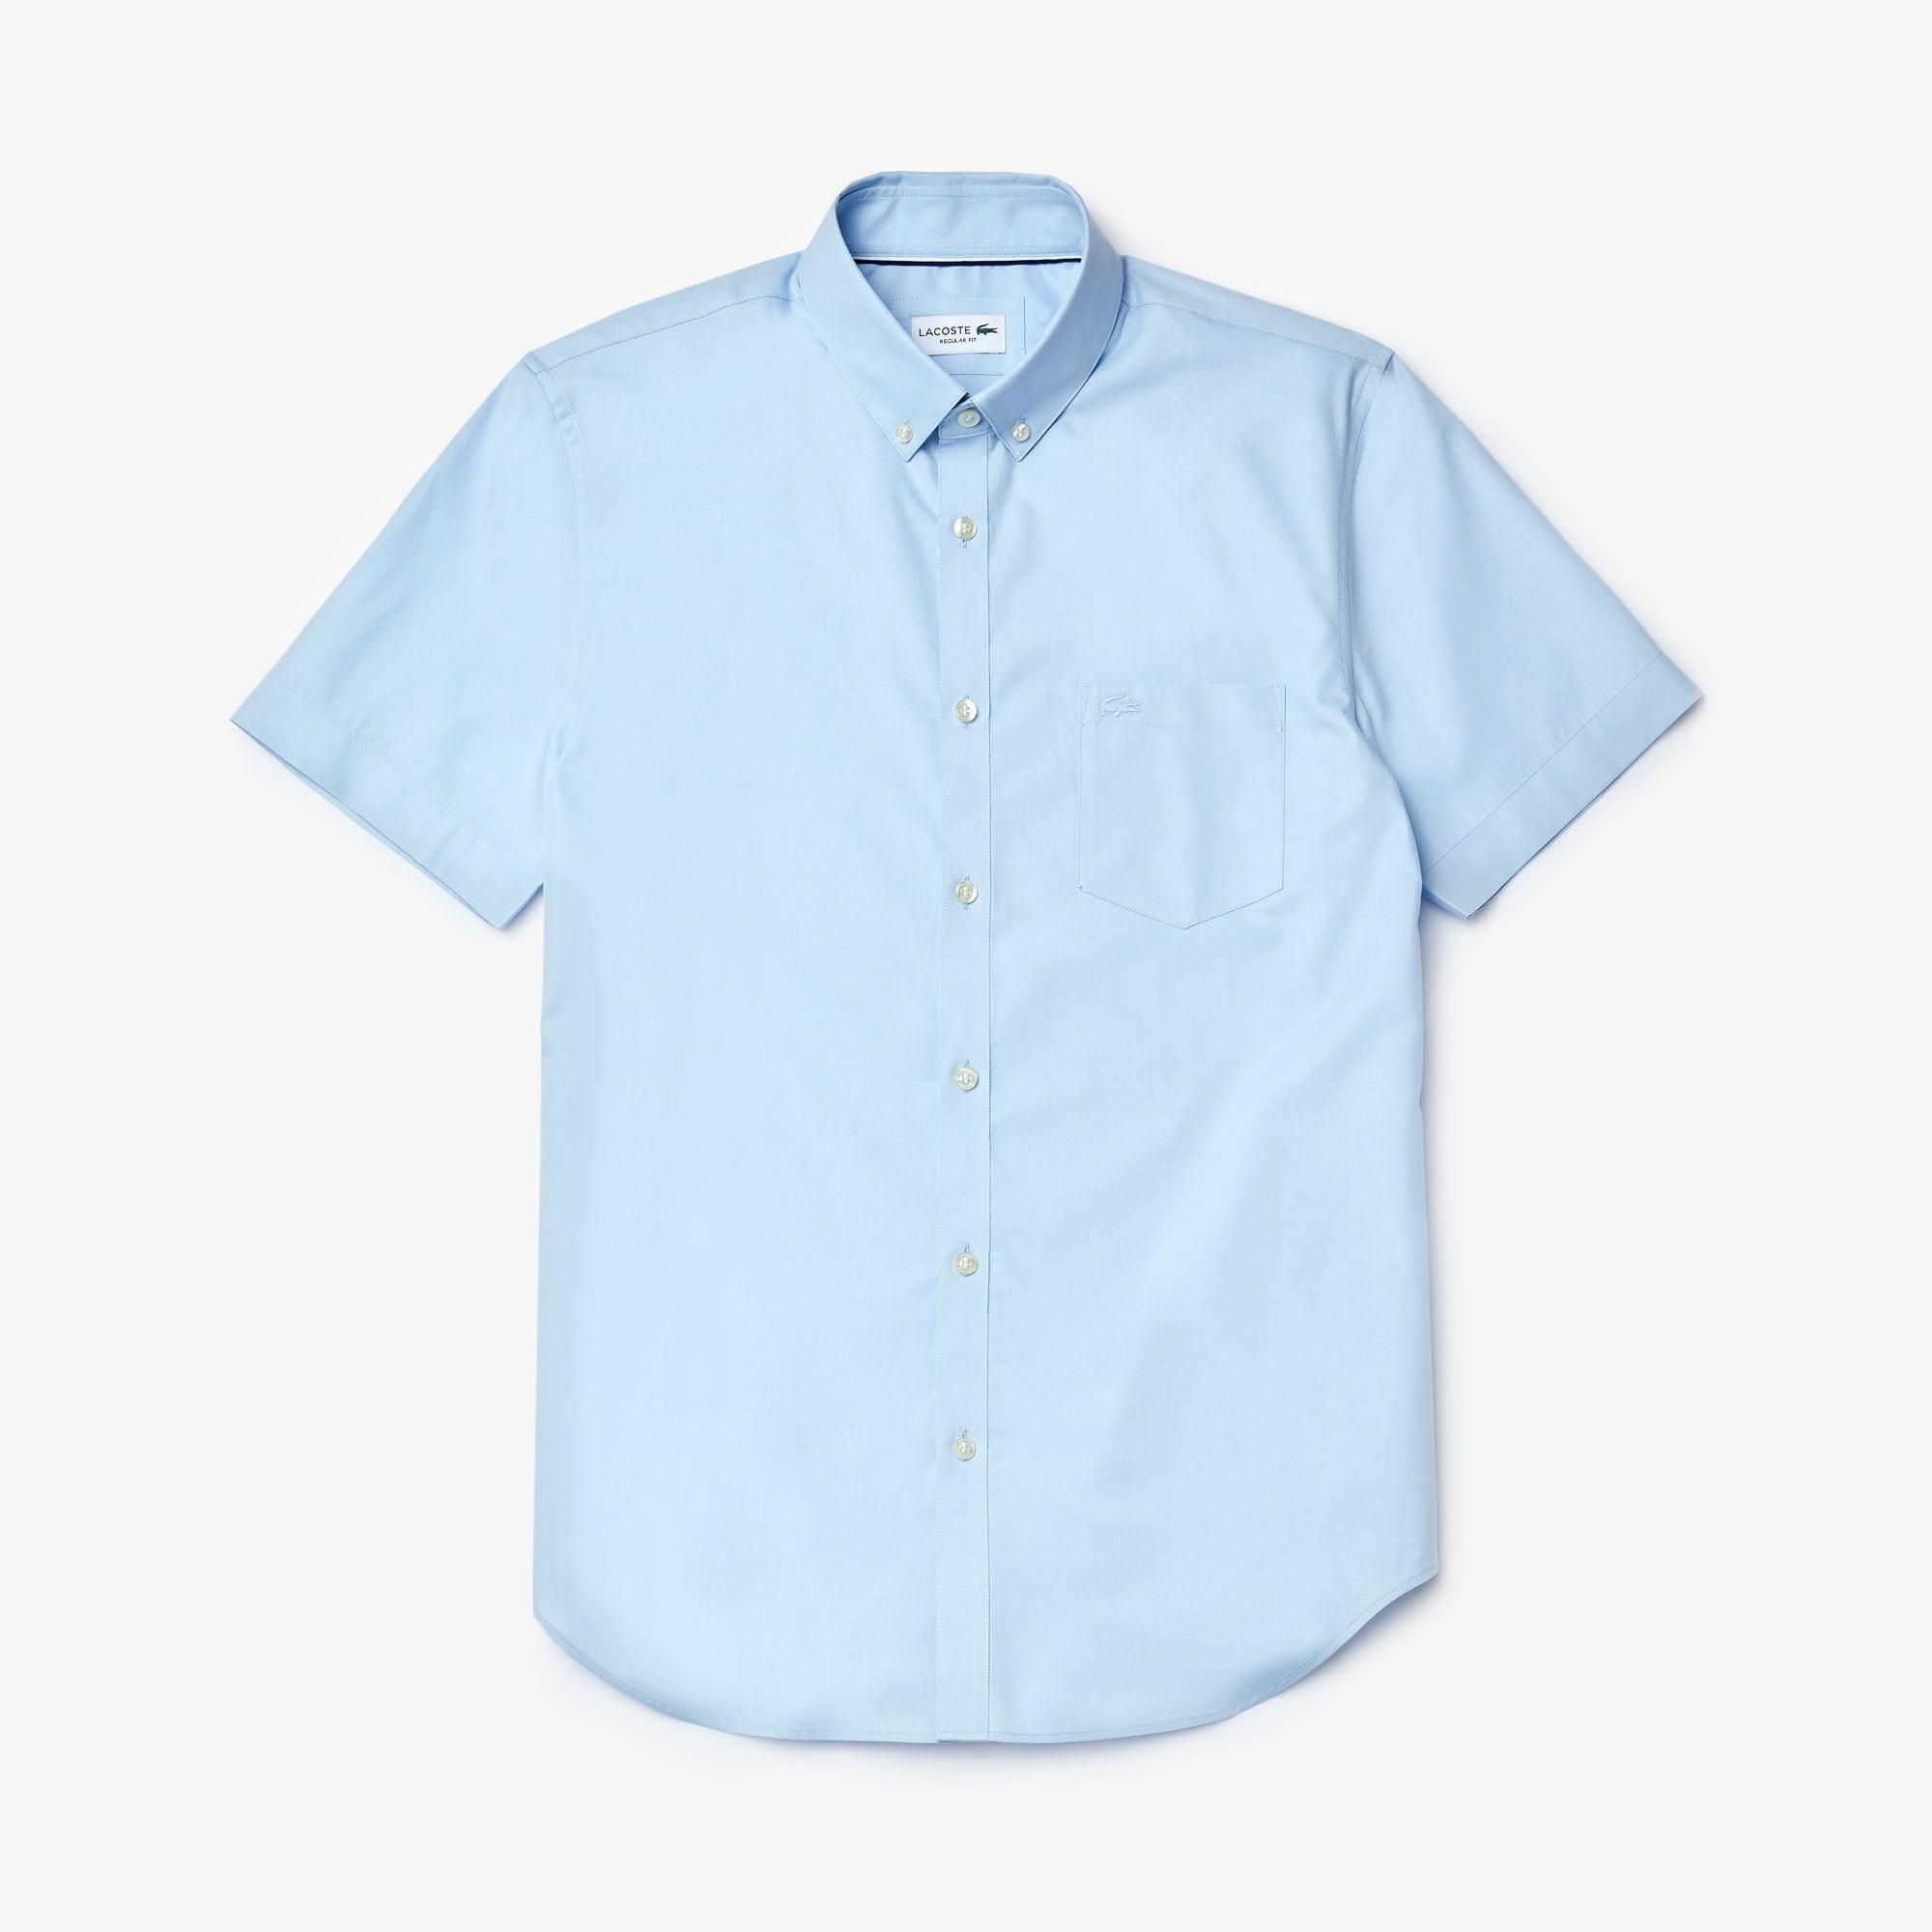 dd882de98106 Regular Fit Herren-Hemd aus Mini-Piqué. Farbe   PHOENIX BLUE LAGOON. Farbe    PHOENIX BLUE LAGOON